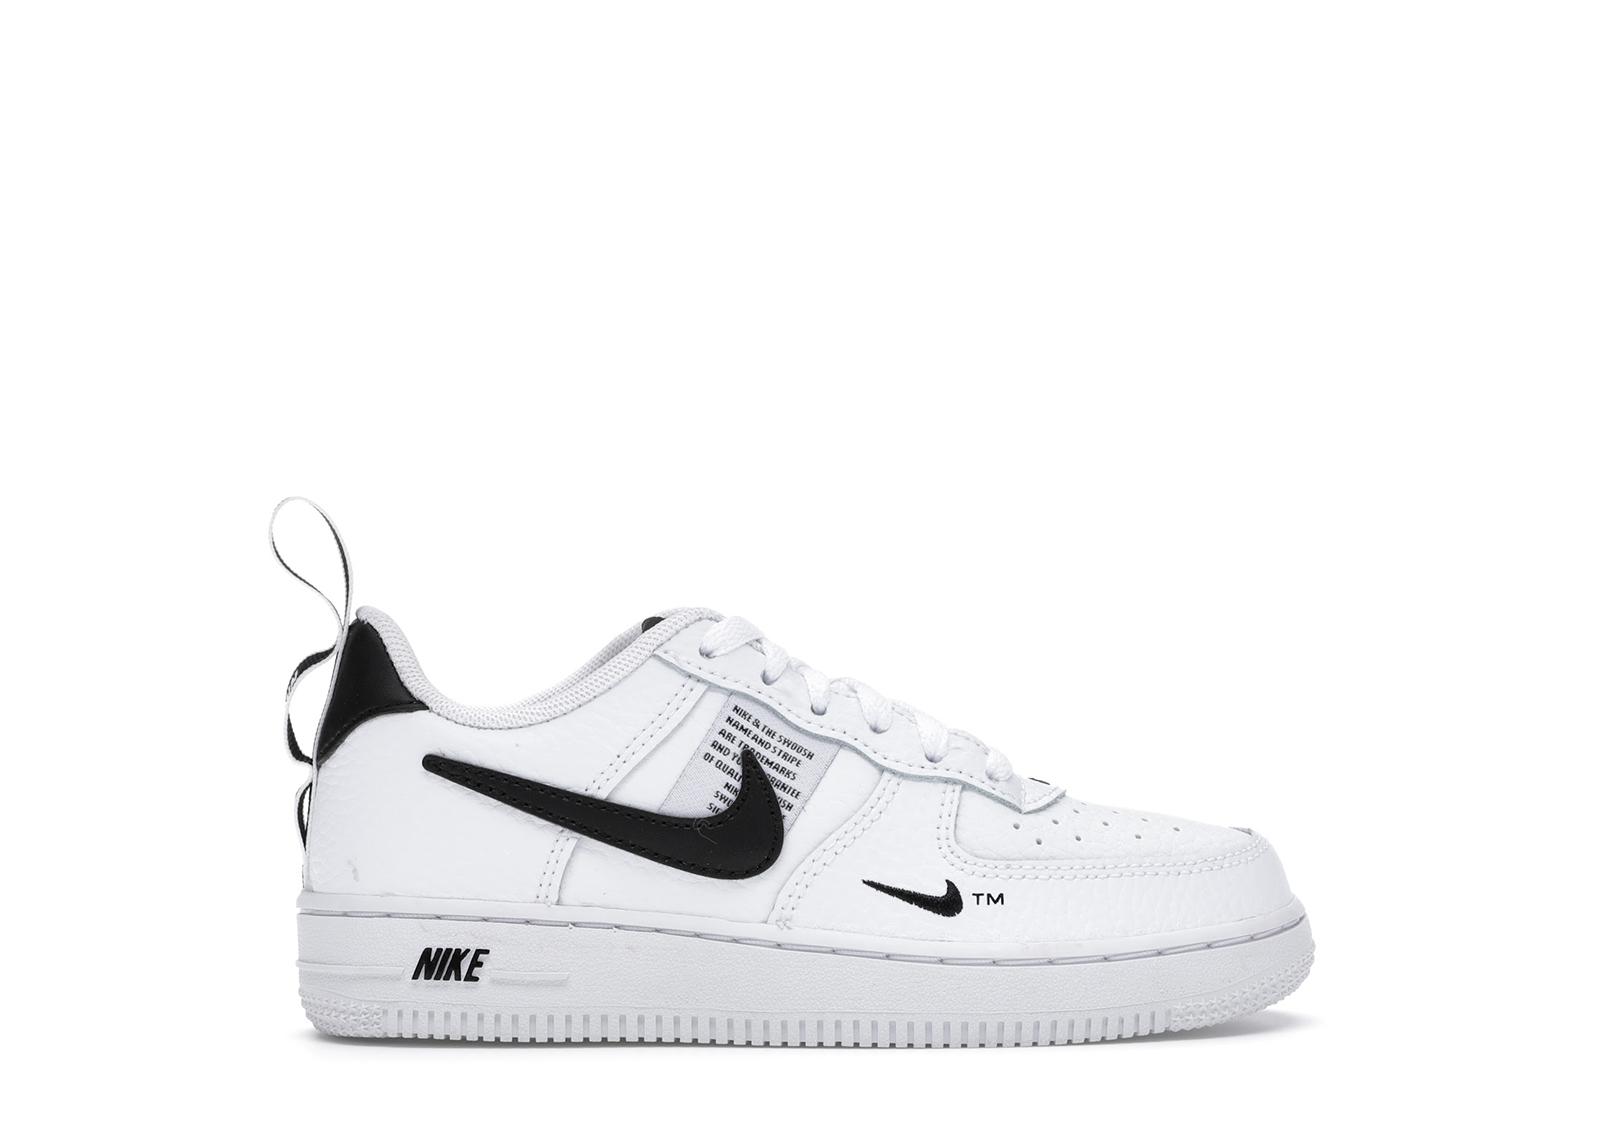 Nike Air Force 1 Low Utility White Black (PS) - AV4272-100